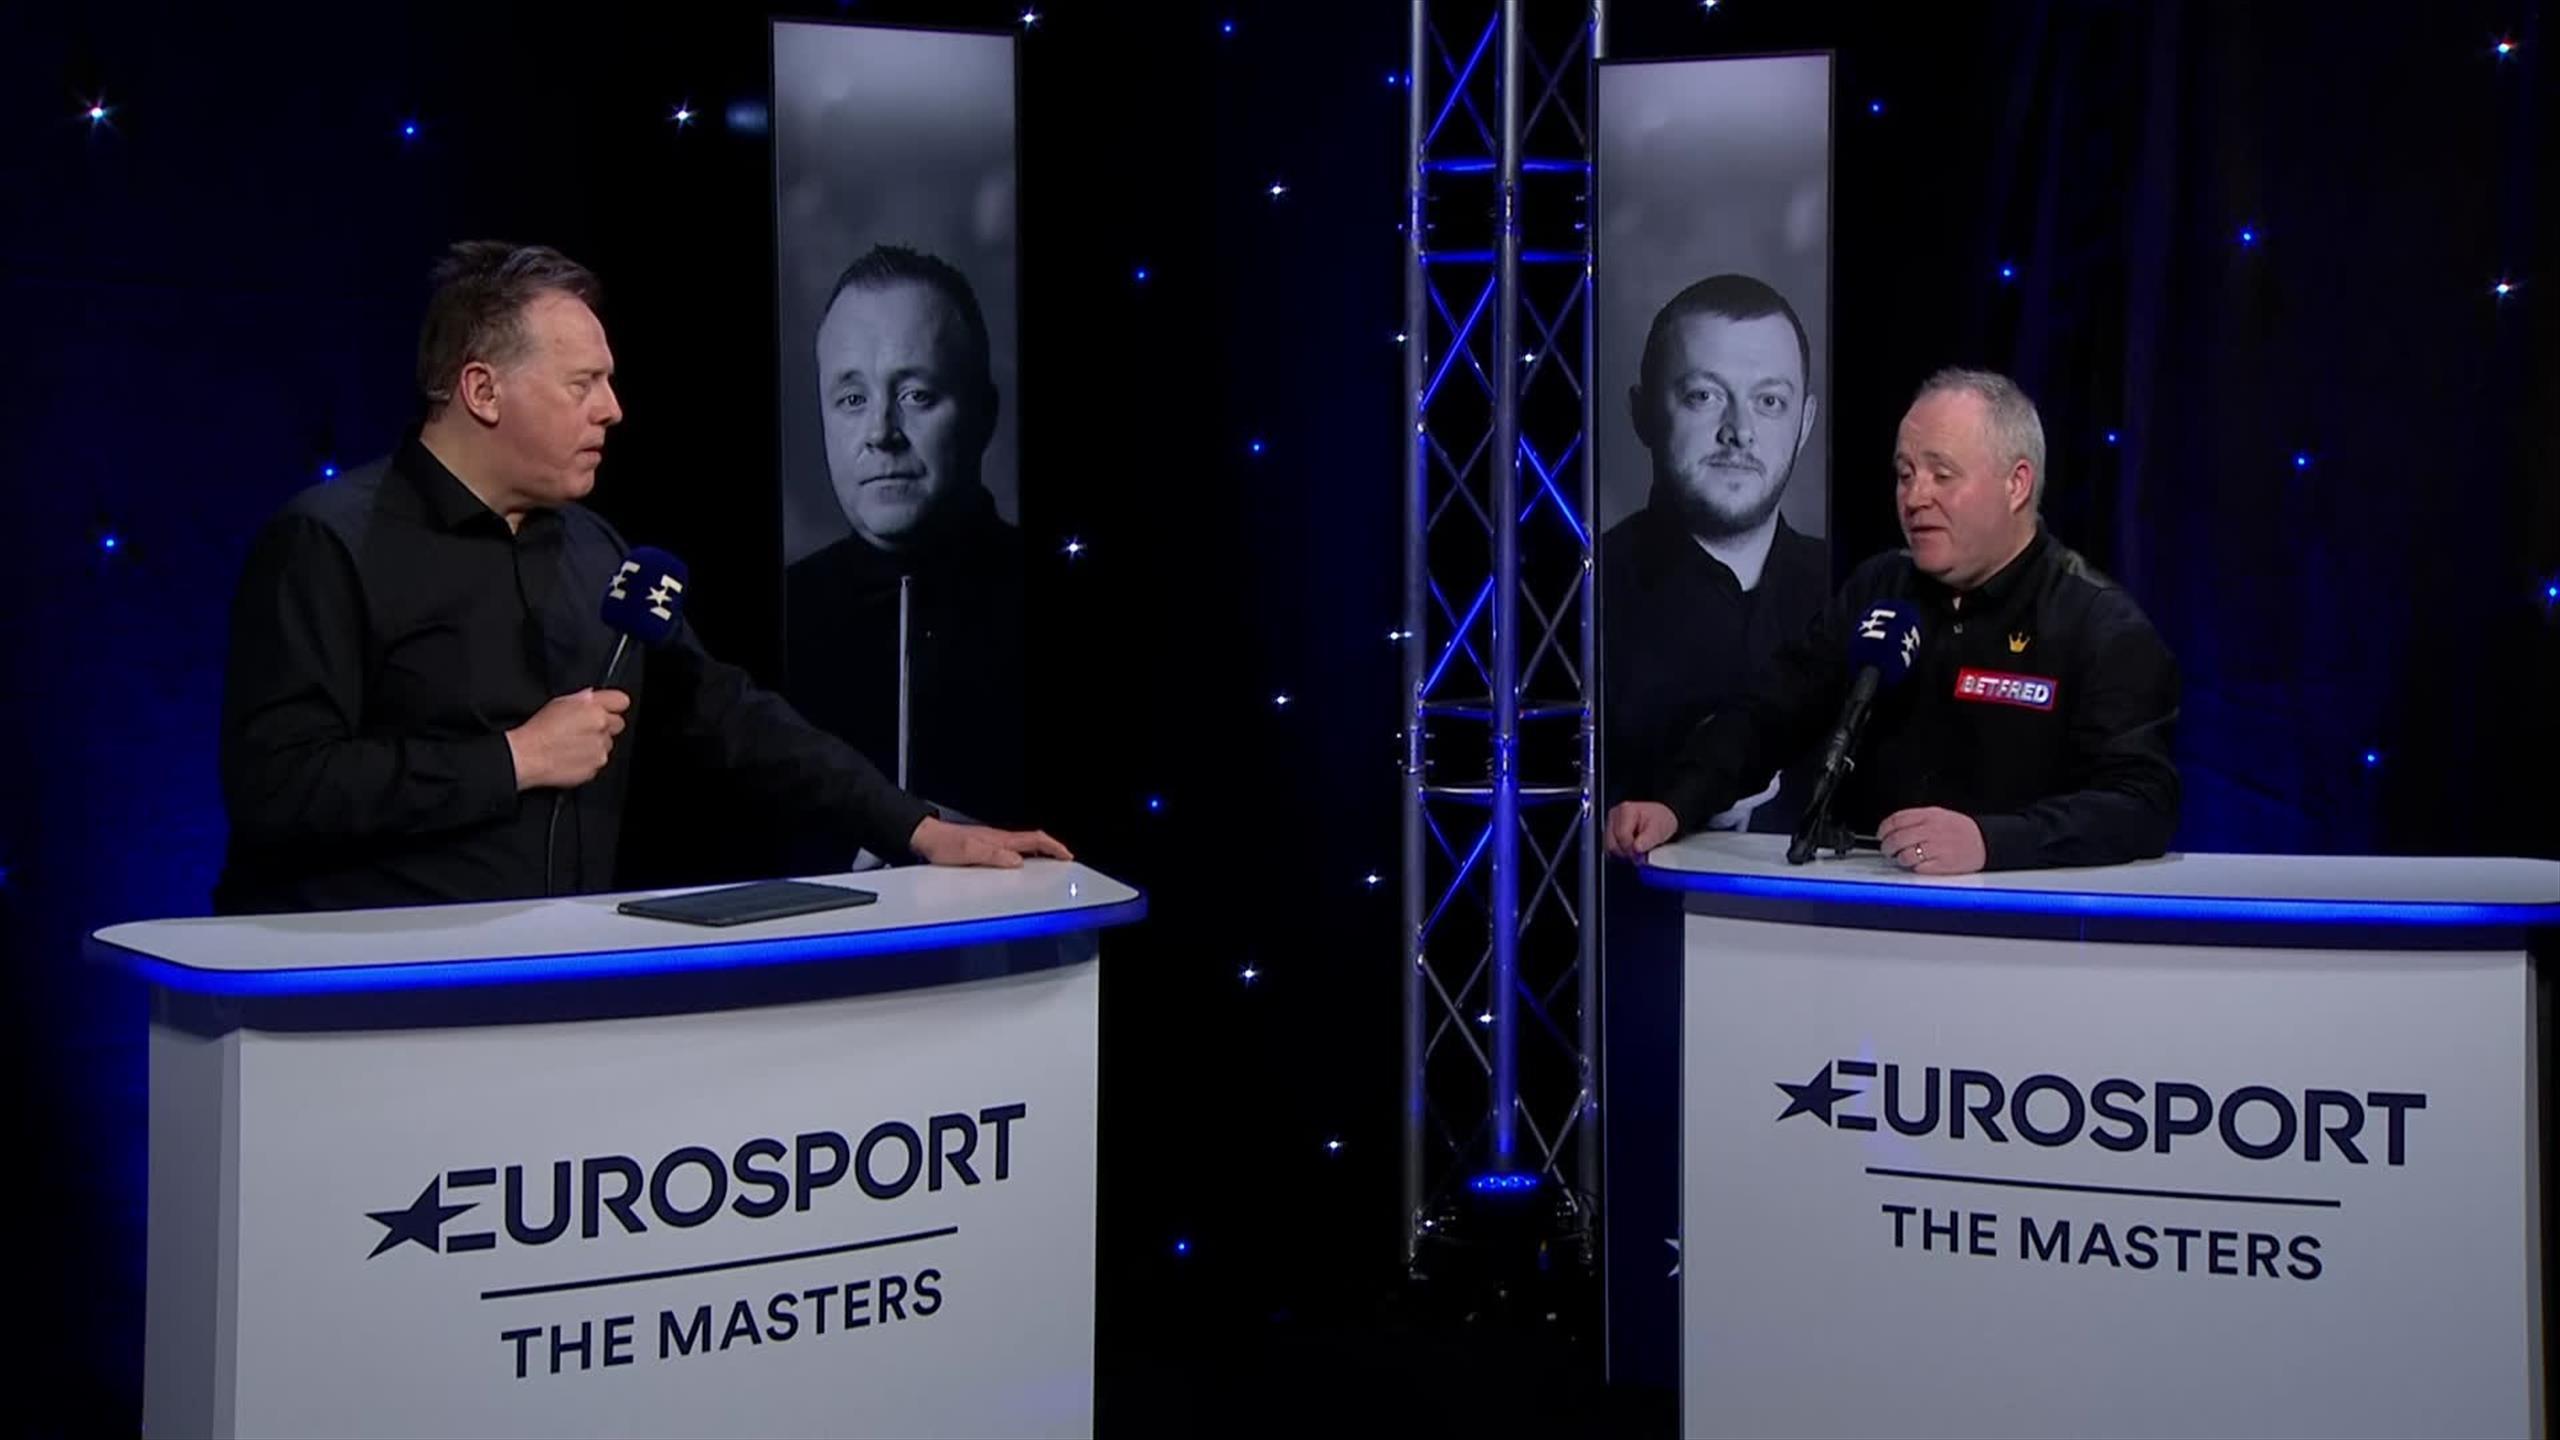 www.eurosport.co.uk